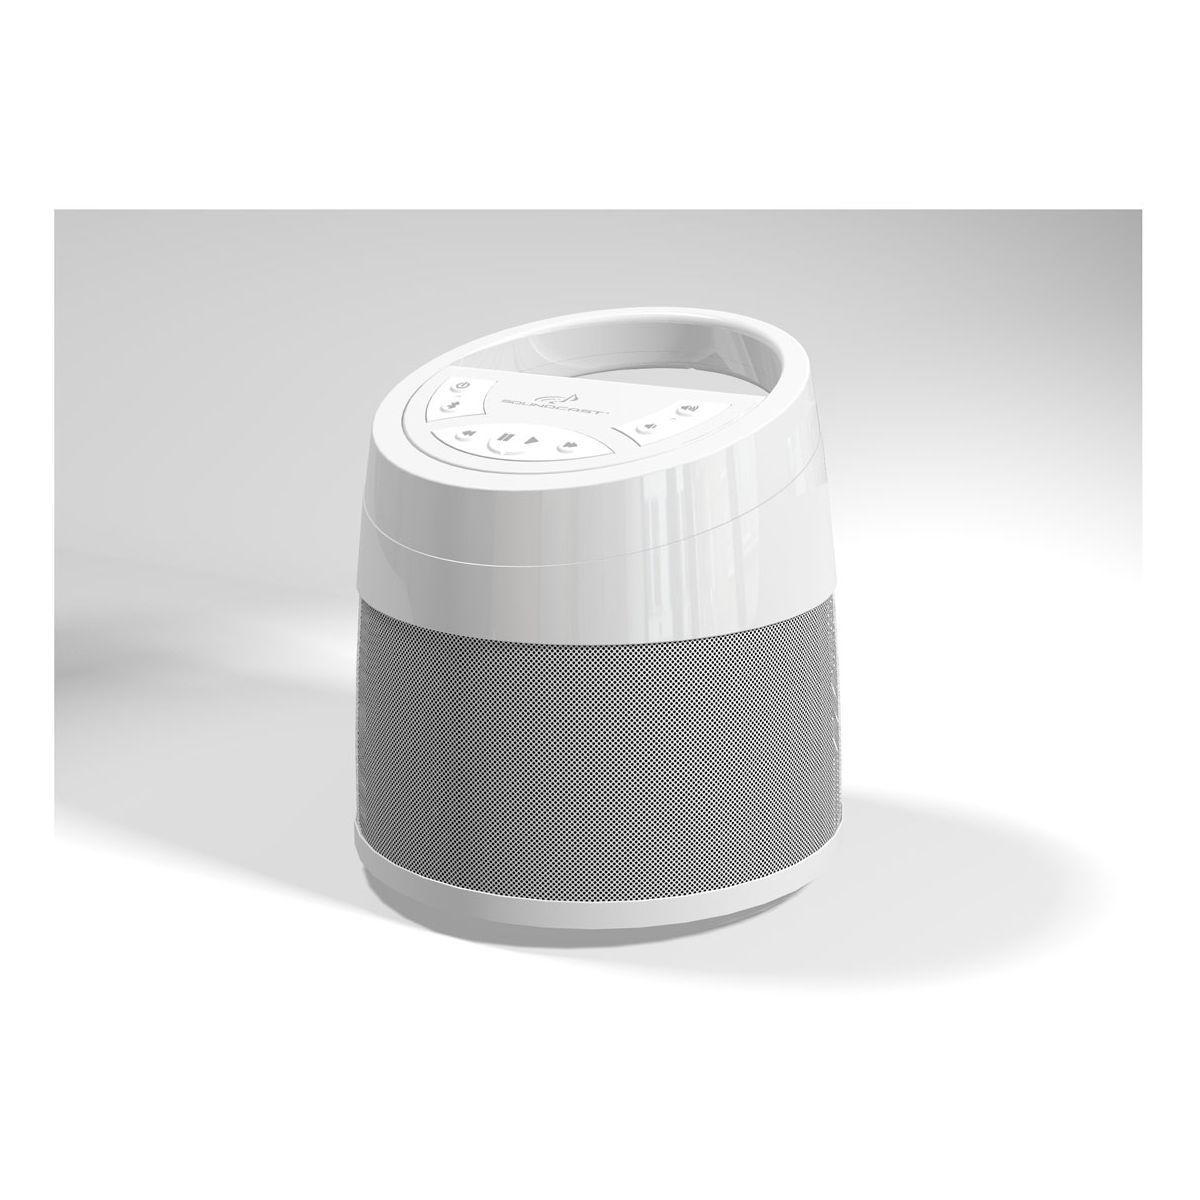 Enc. soundcast melody - livraison offerte : code livprem (photo)